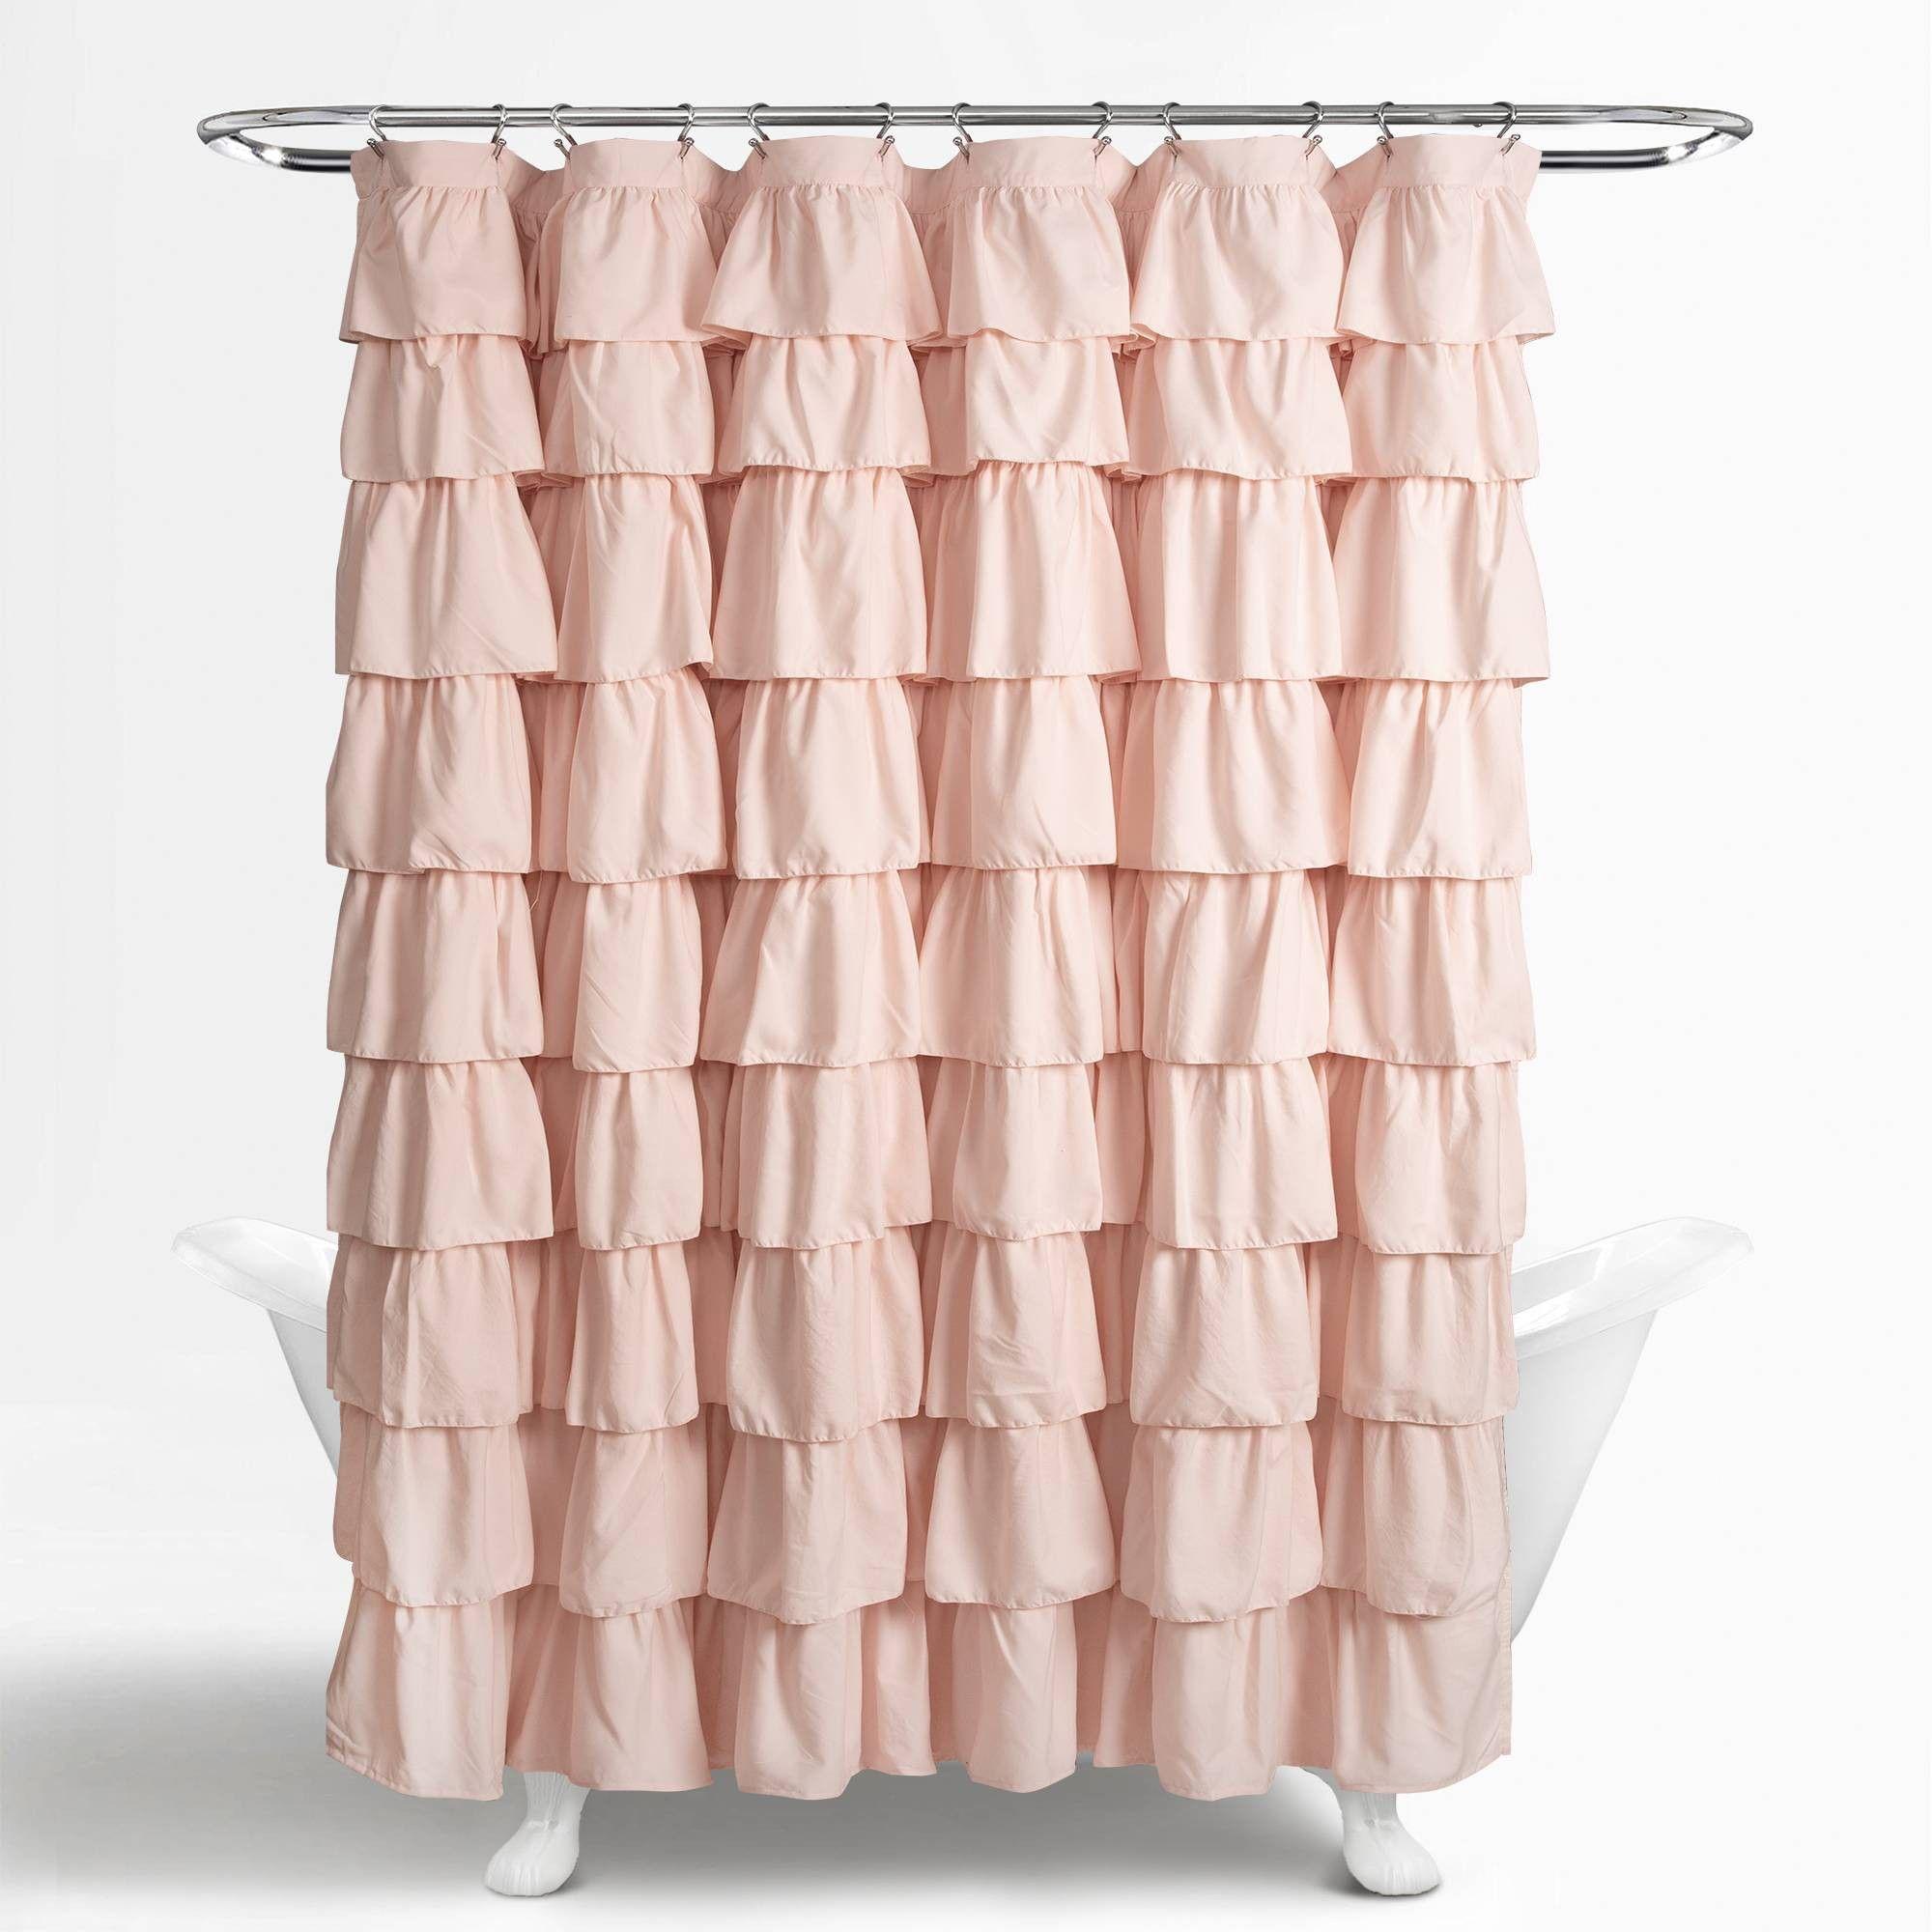 Ruffle Shower Curtain Blush Pink Lush Decor Ruffle Shower